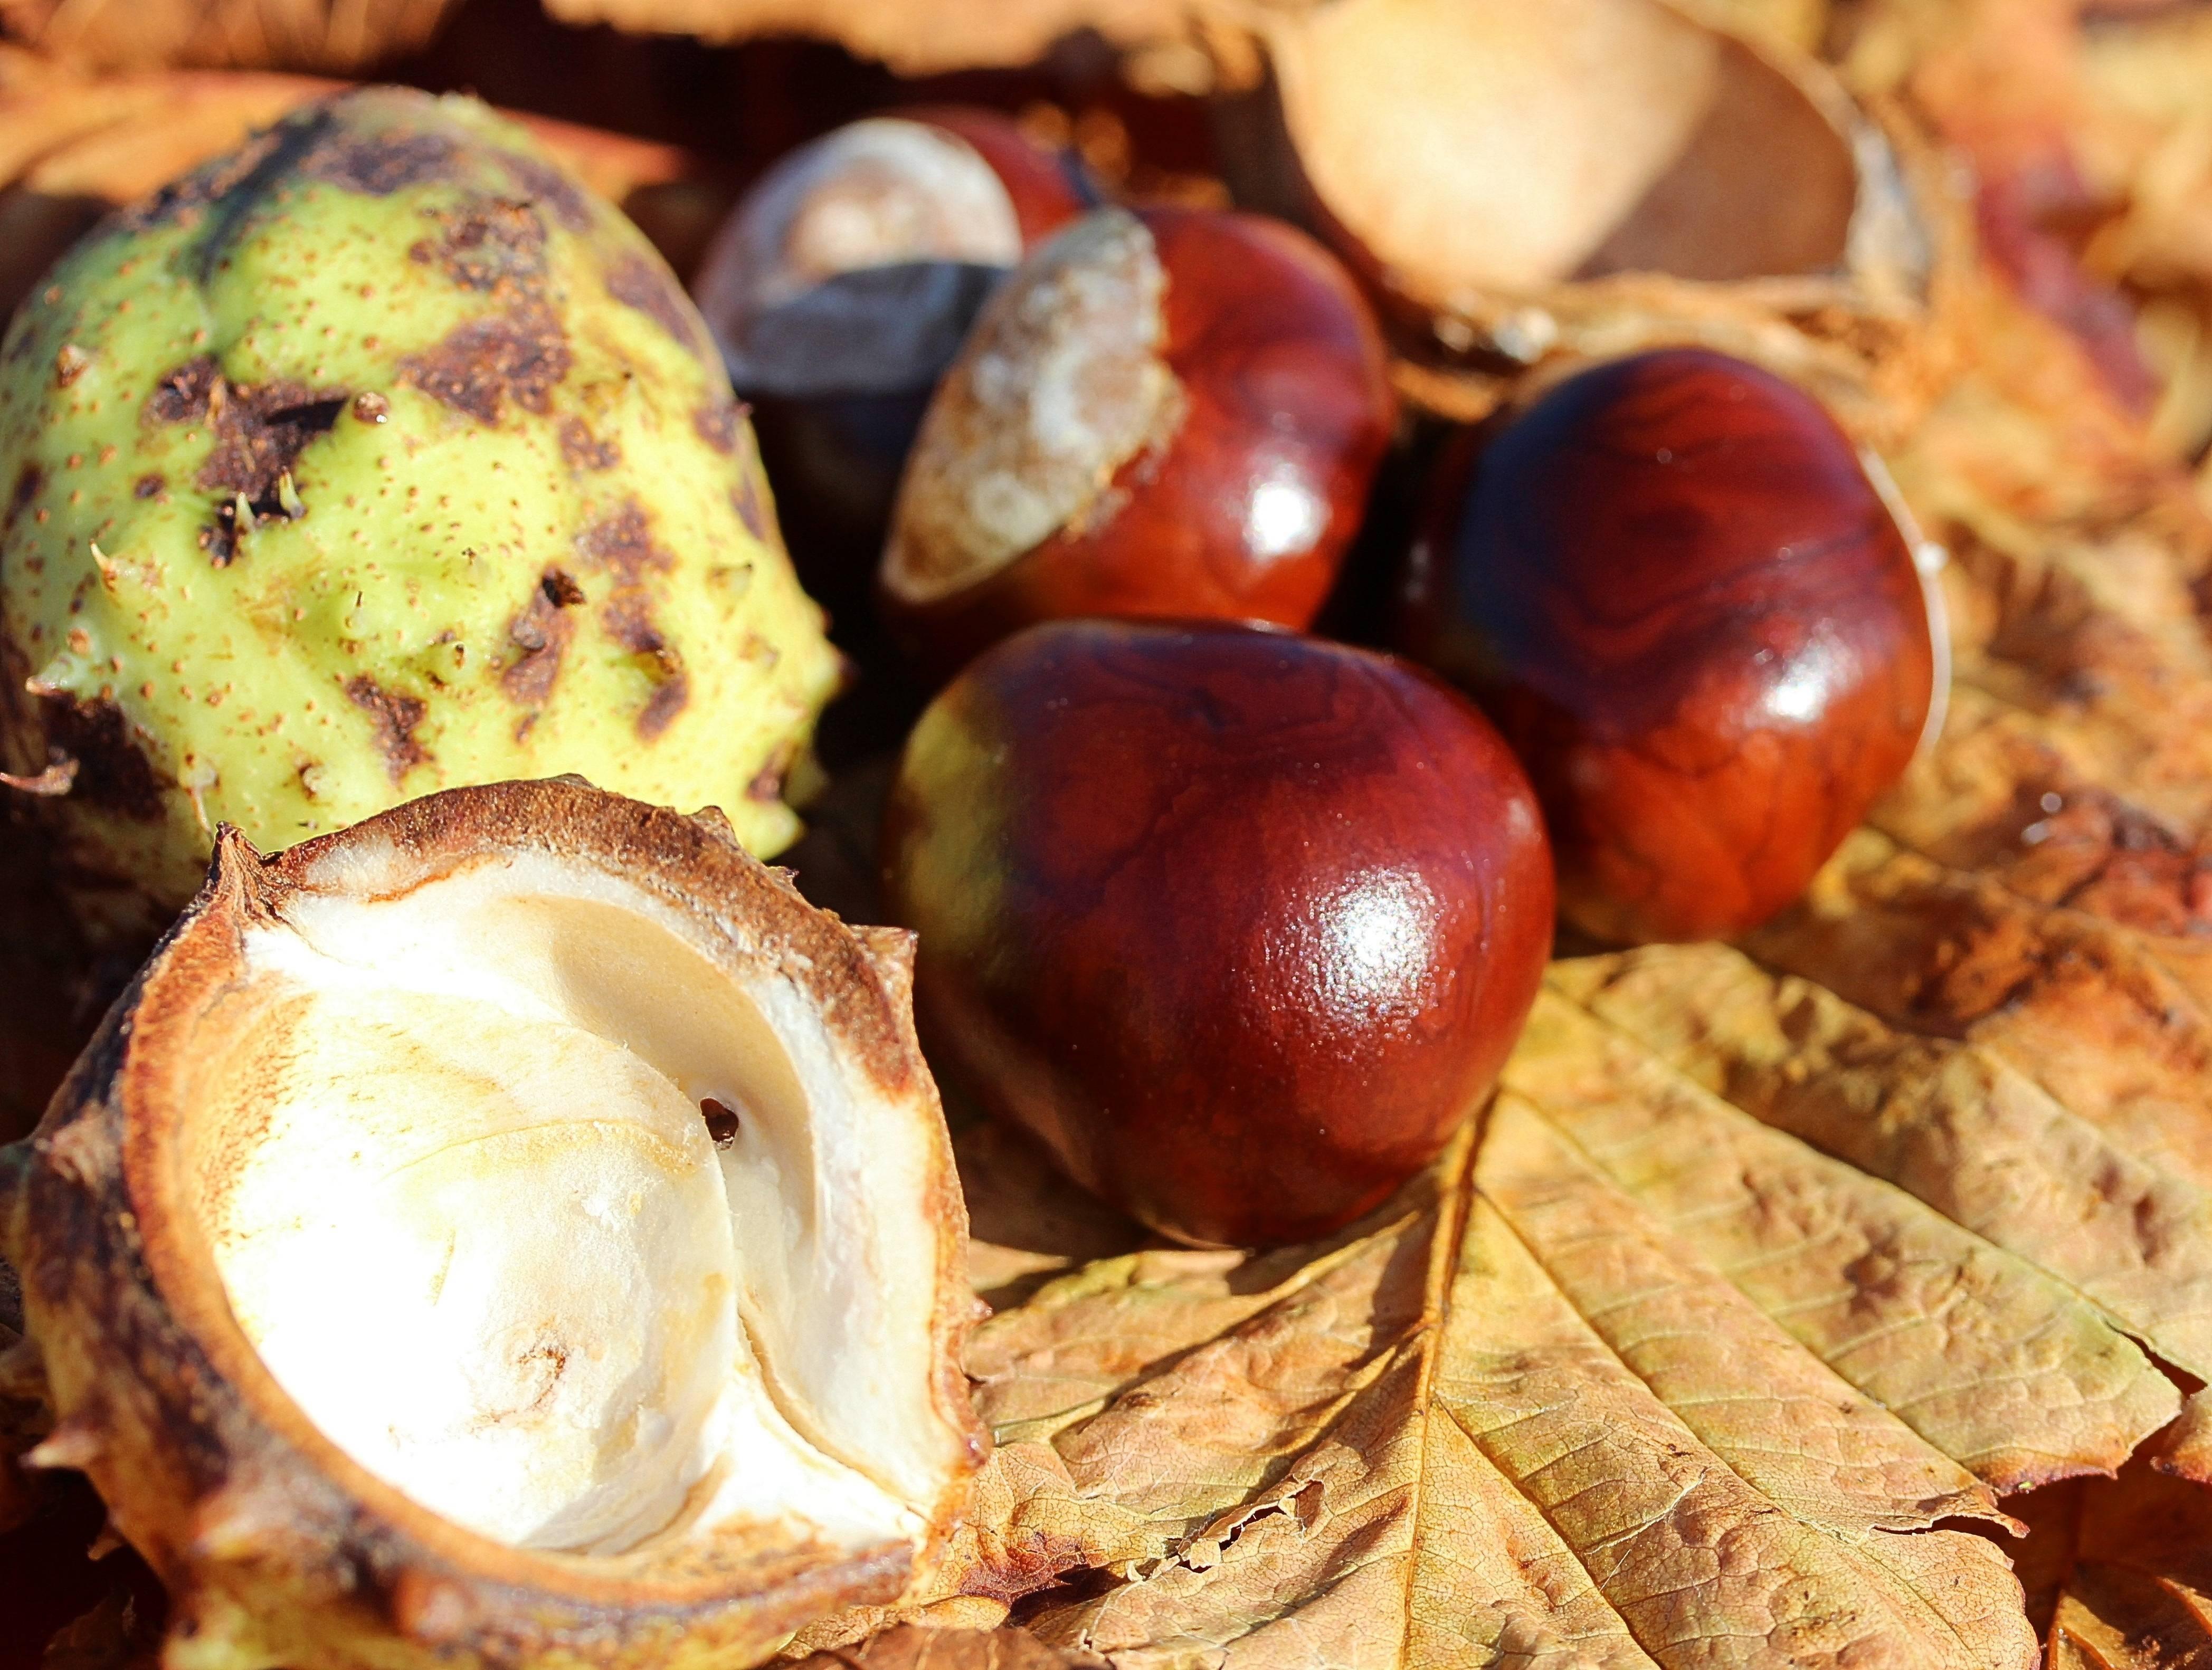 Каштан: польза и вред, как готовить, сохраняя полезные свойства, противопоказания